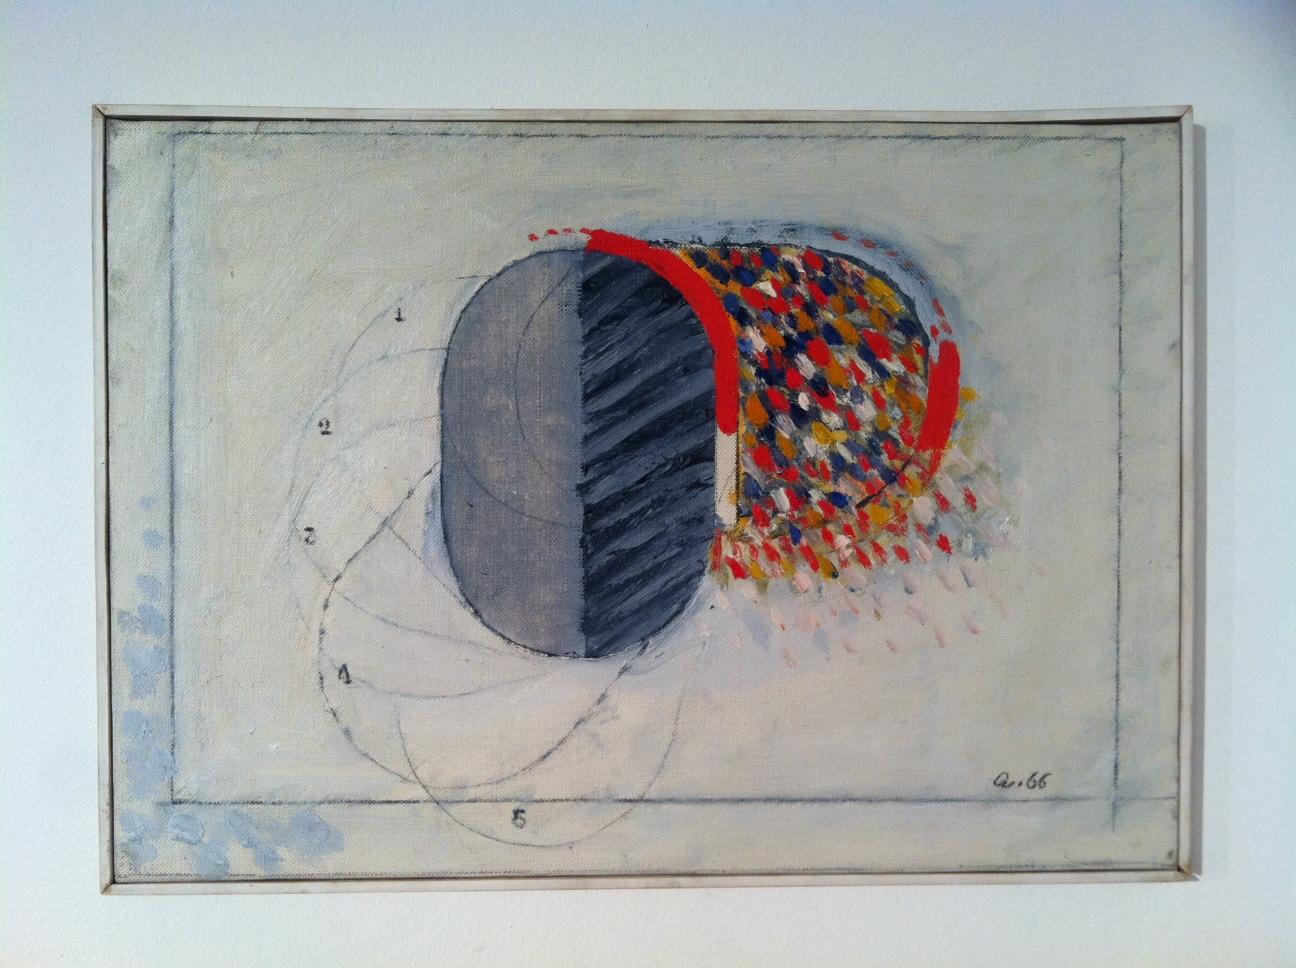 Origine della pittura, 1966